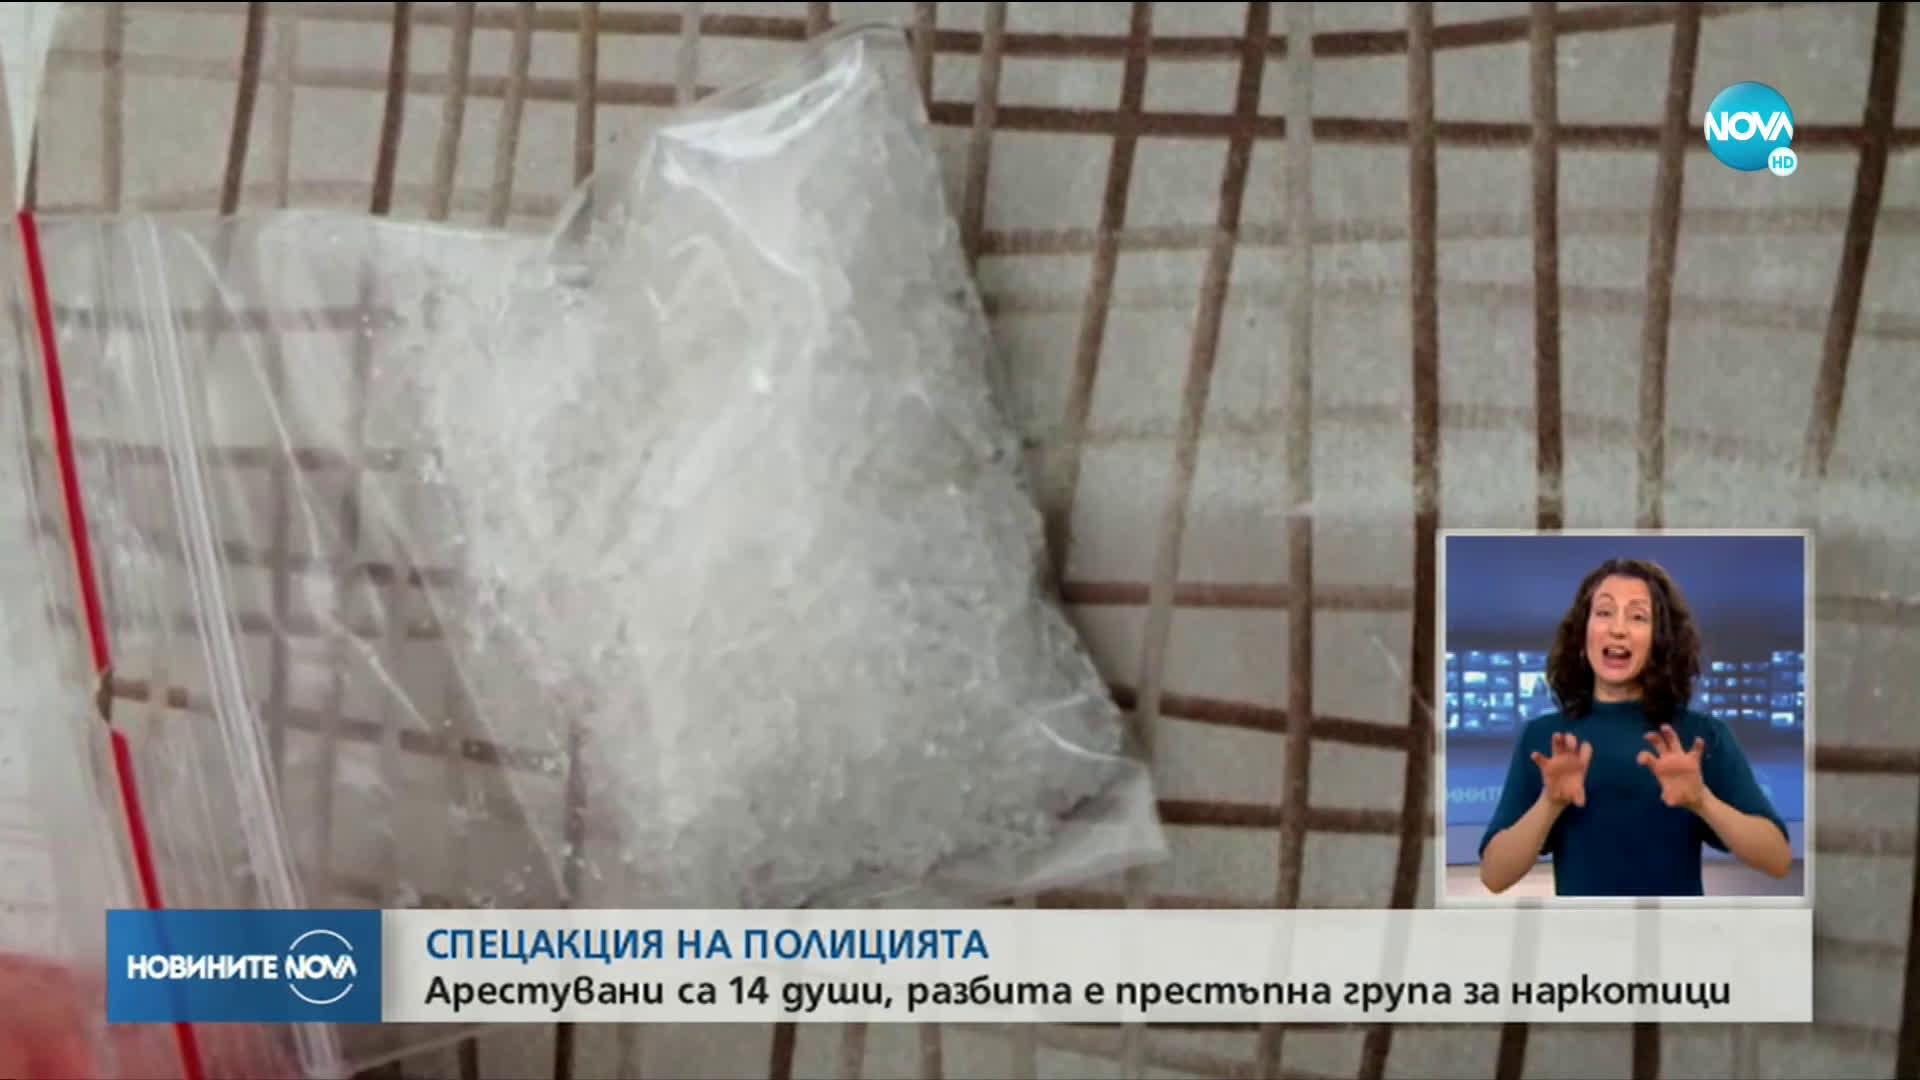 Разбиха престъпна група за наркоразпространение, 14 лица са задържани (ВИДЕО+СНИМКИ)